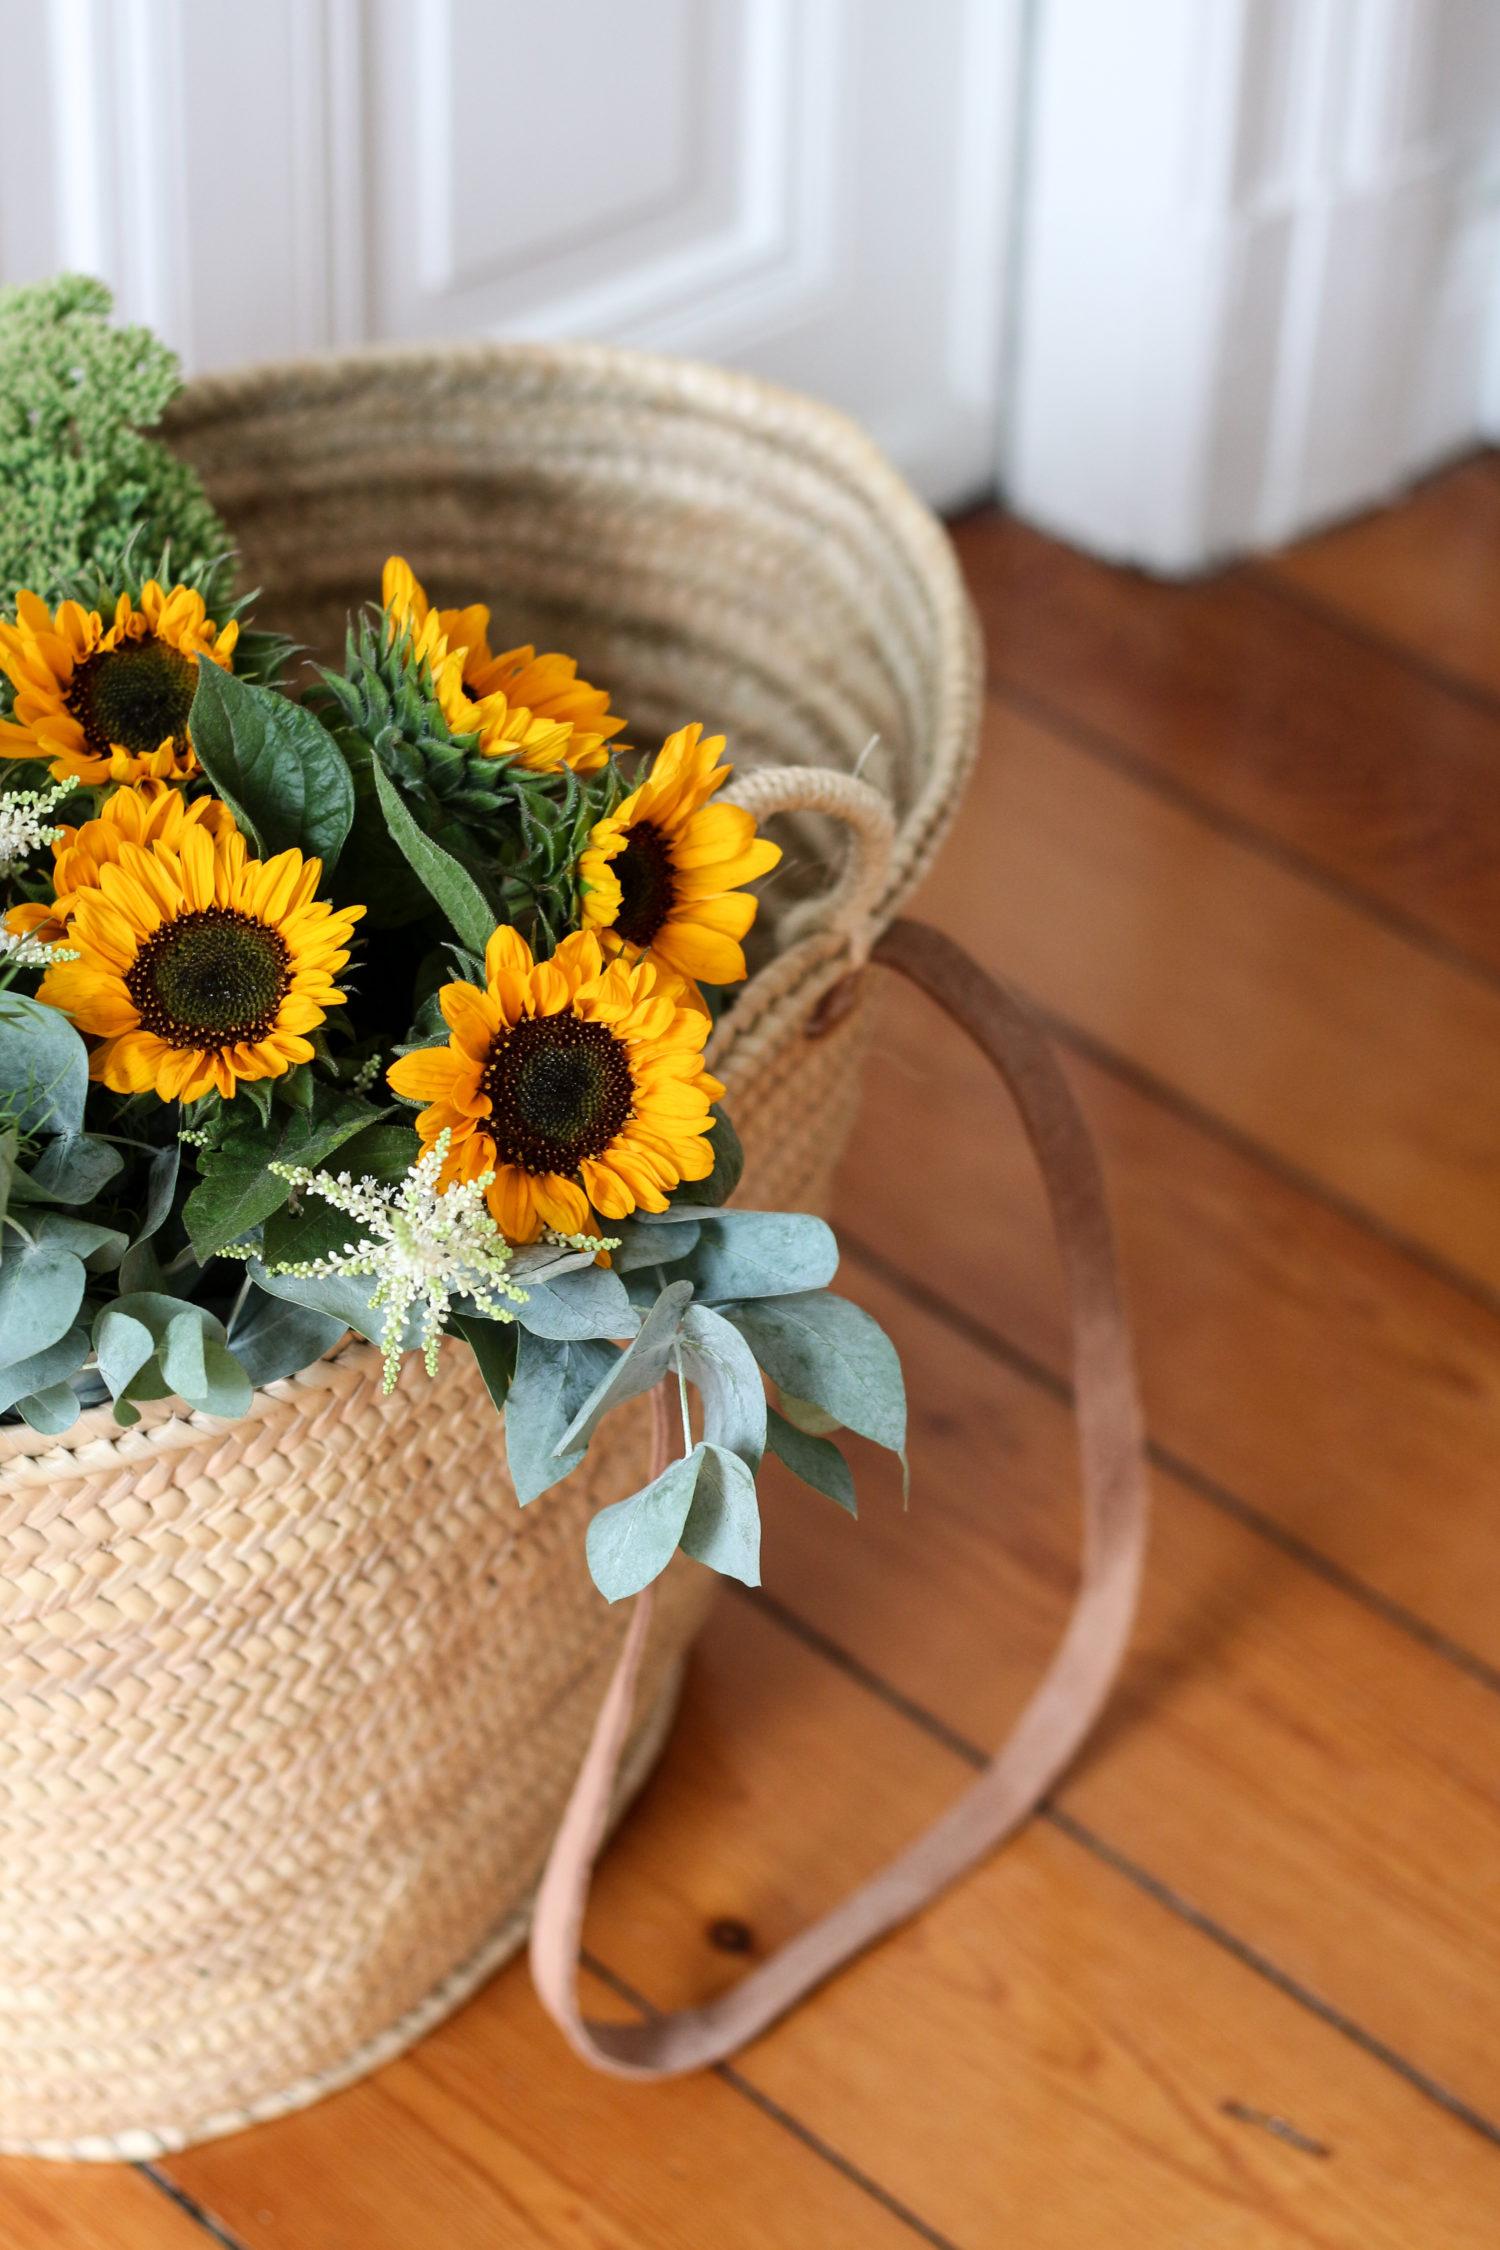 Von minimalistisch bis pompös – Blumendeko für jedermann